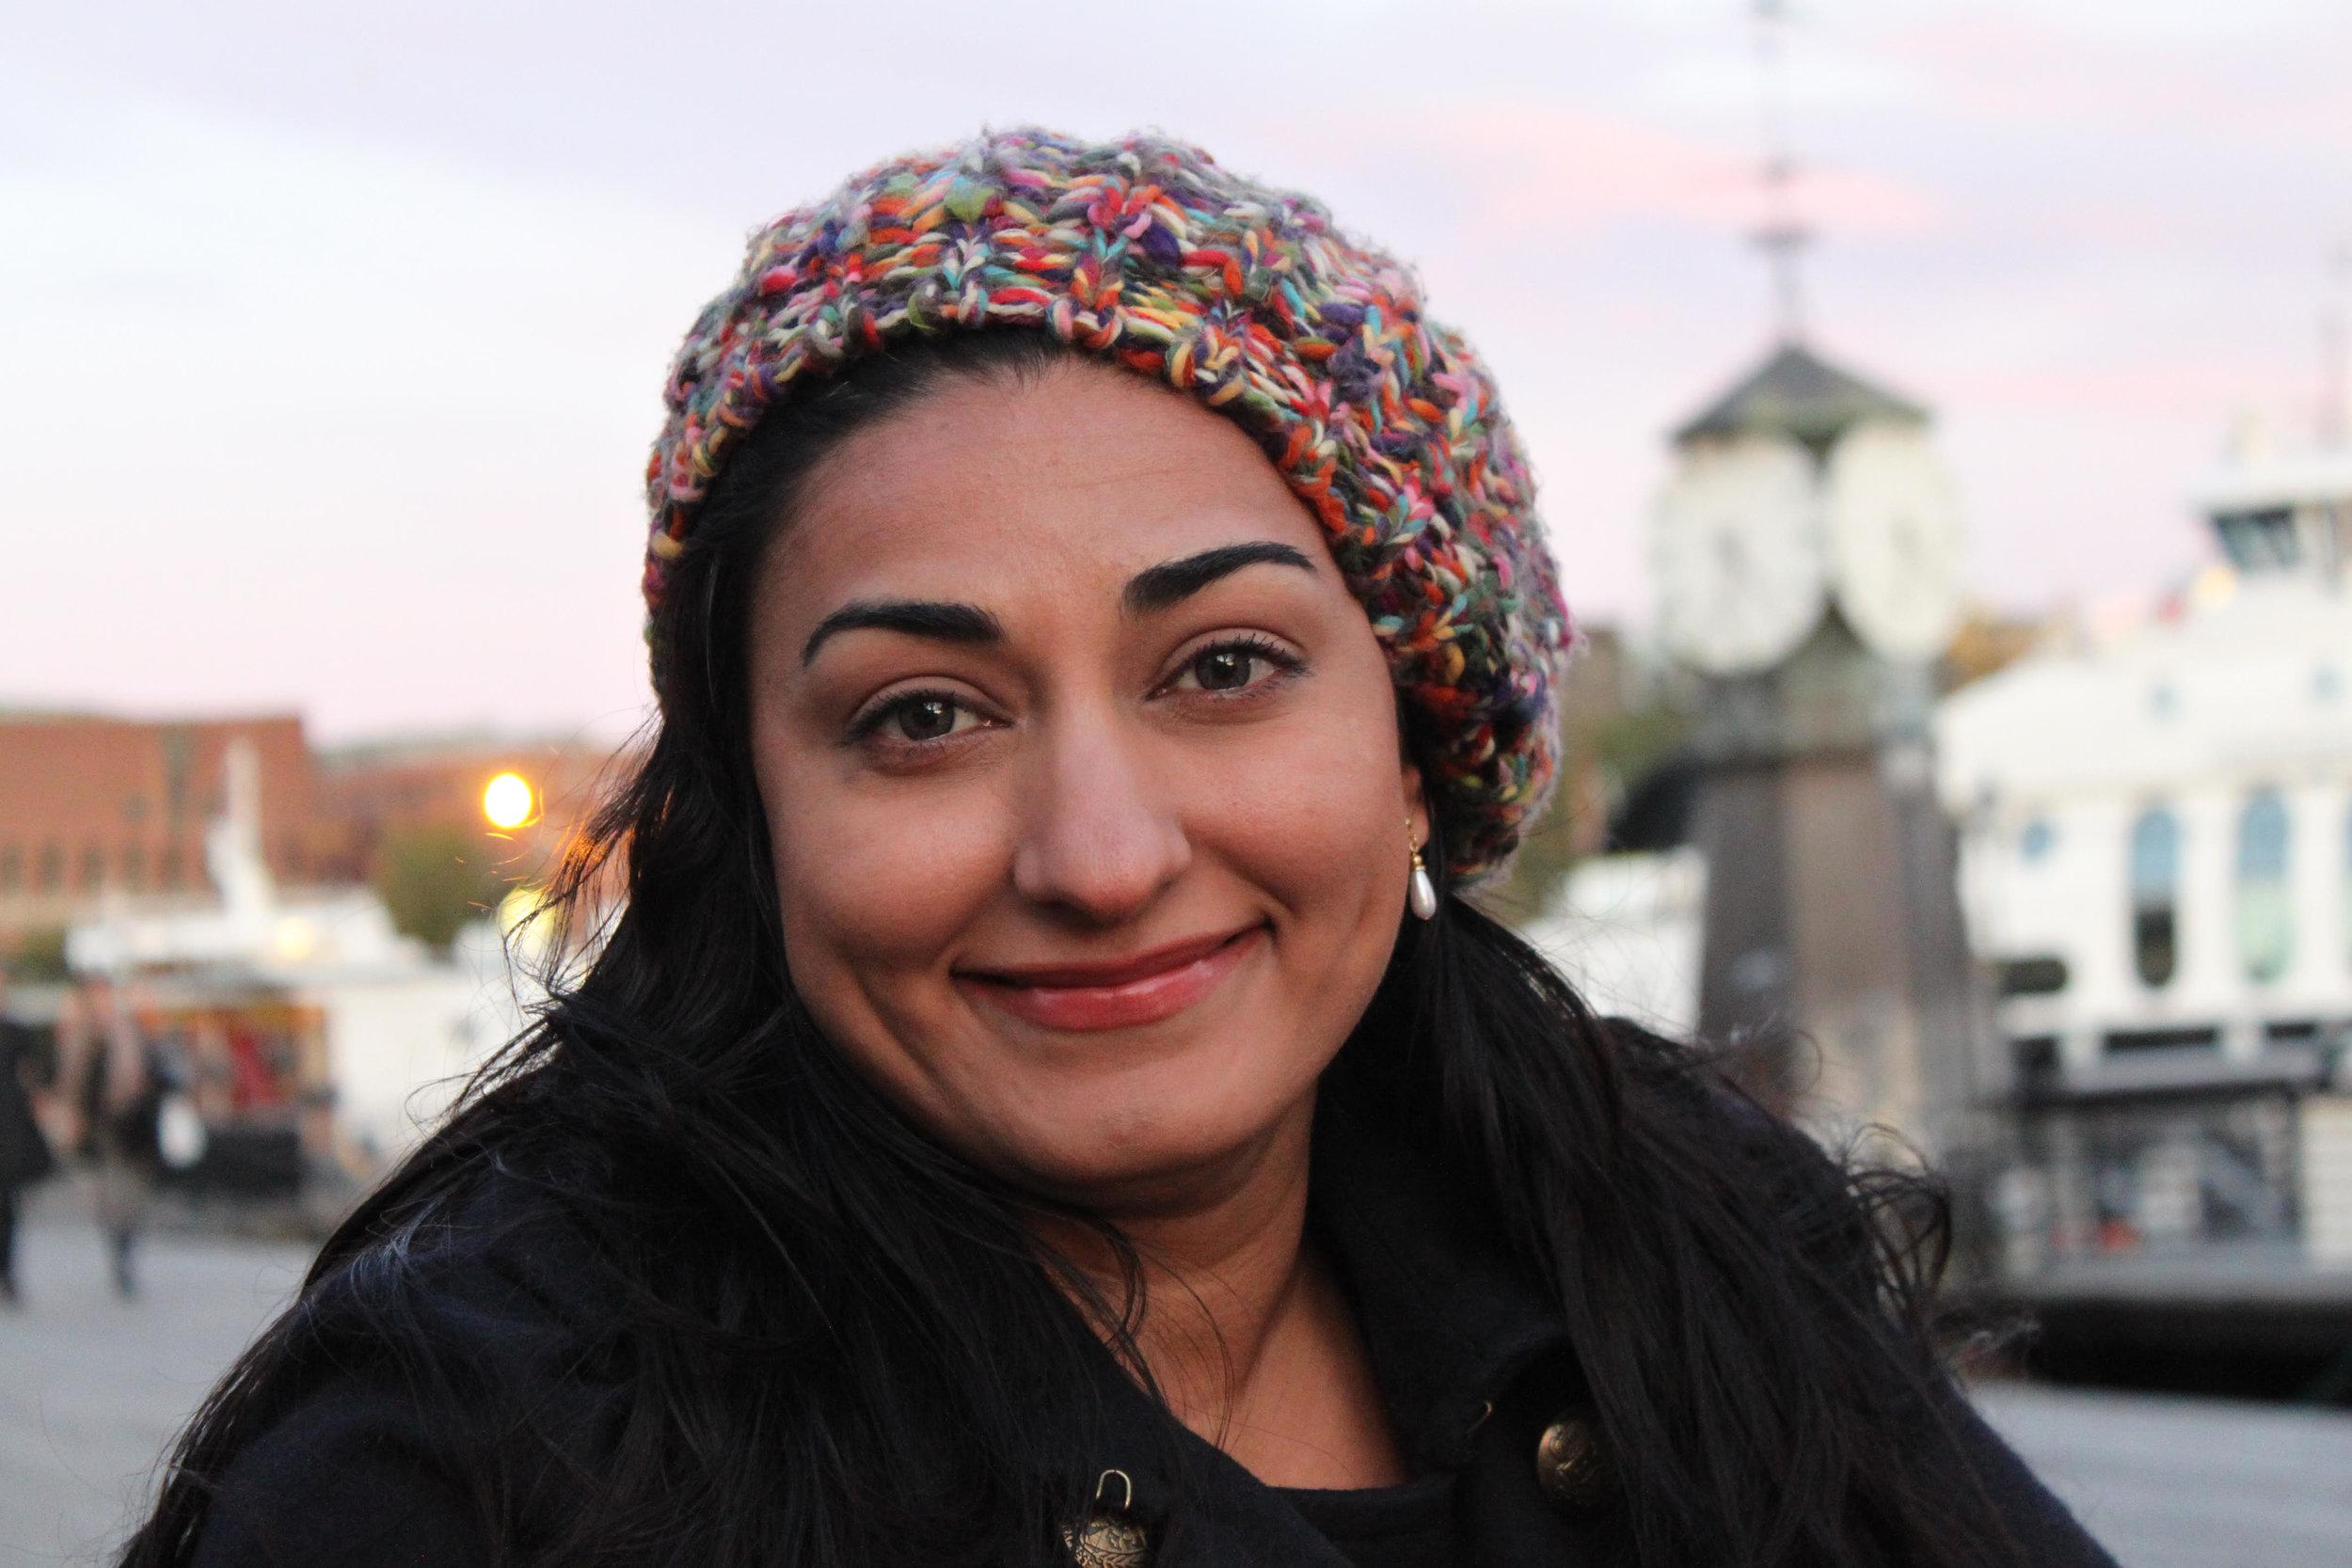 Shabana Rehman